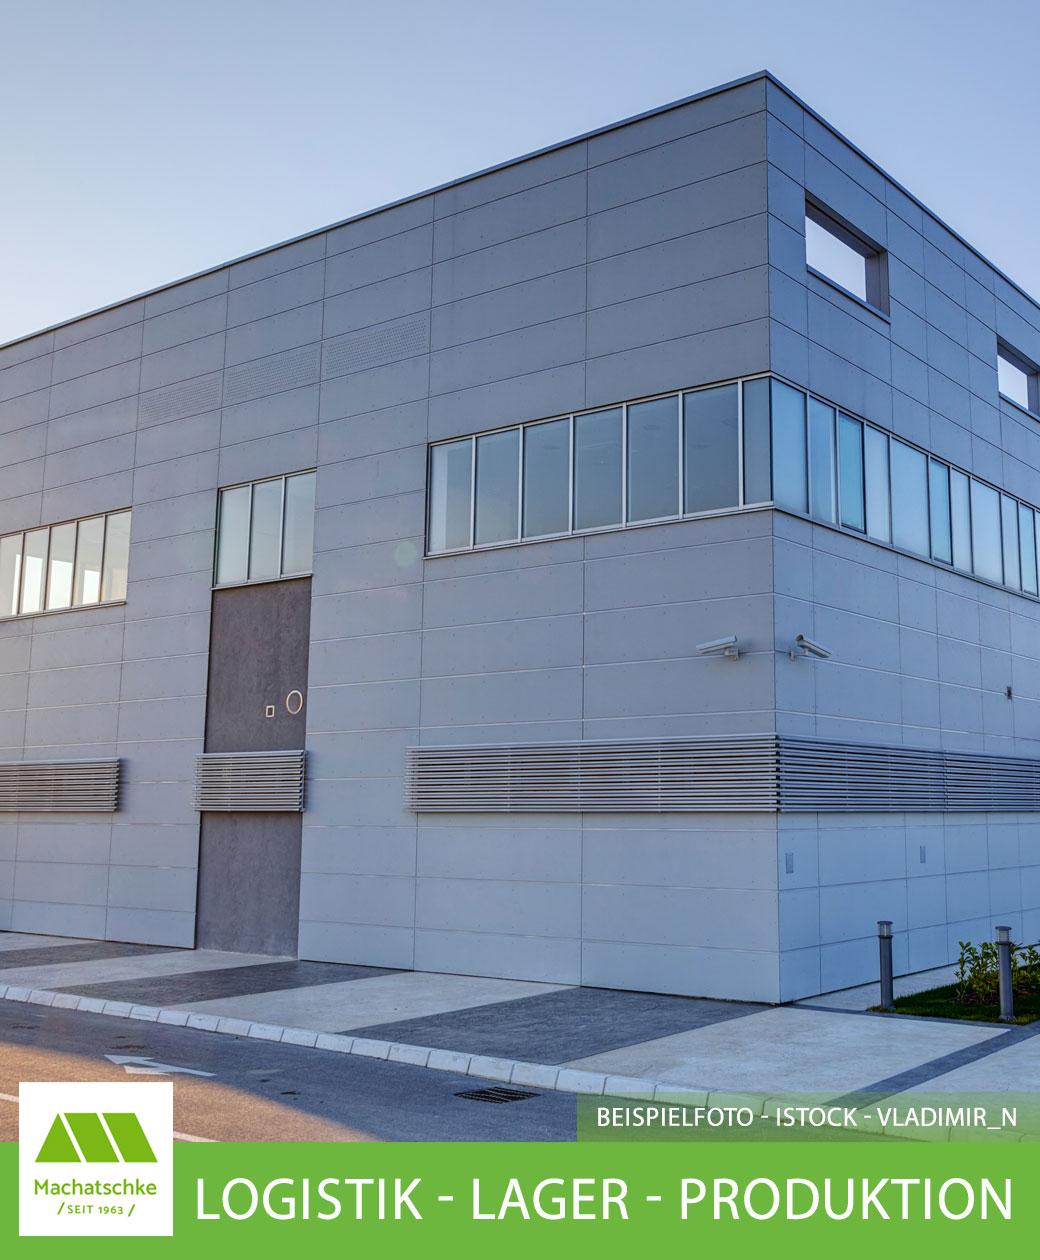 Logistik - Lager - Produktion - Großhandel - Onlinehandel - Solitärstandort